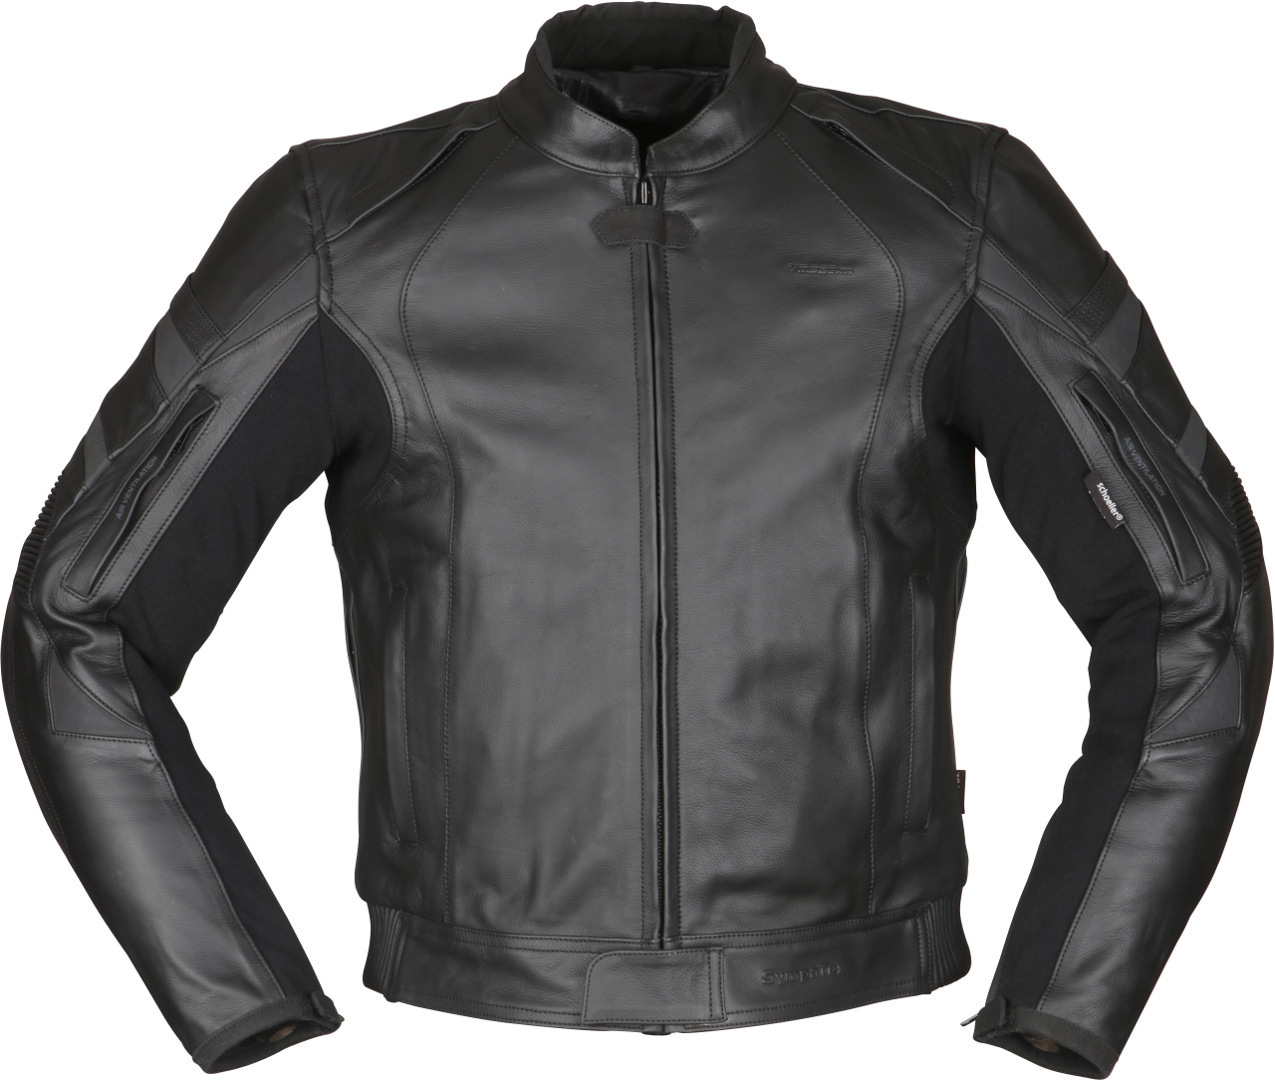 Modeka Tourrider II Motorrad Lederjacke, schwarz, Größe 2XL, schwarz, Größe 2XL